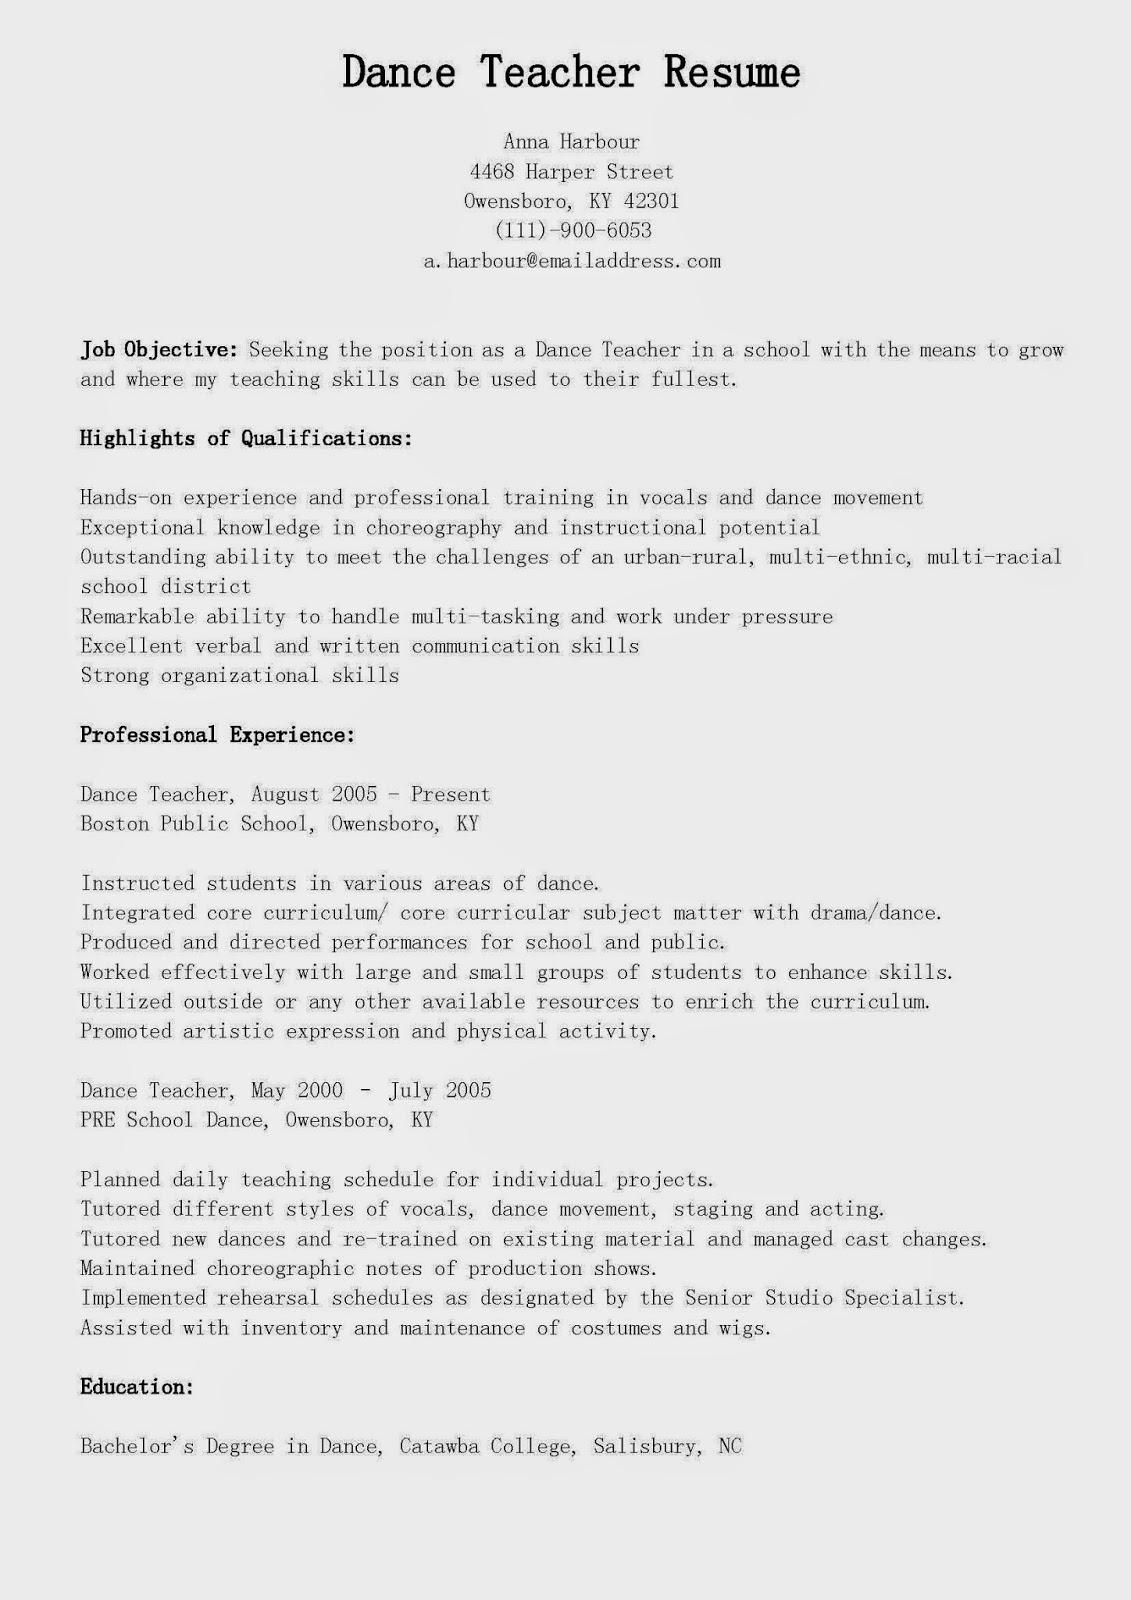 Resume Samples Dance Teacher Resume Sample